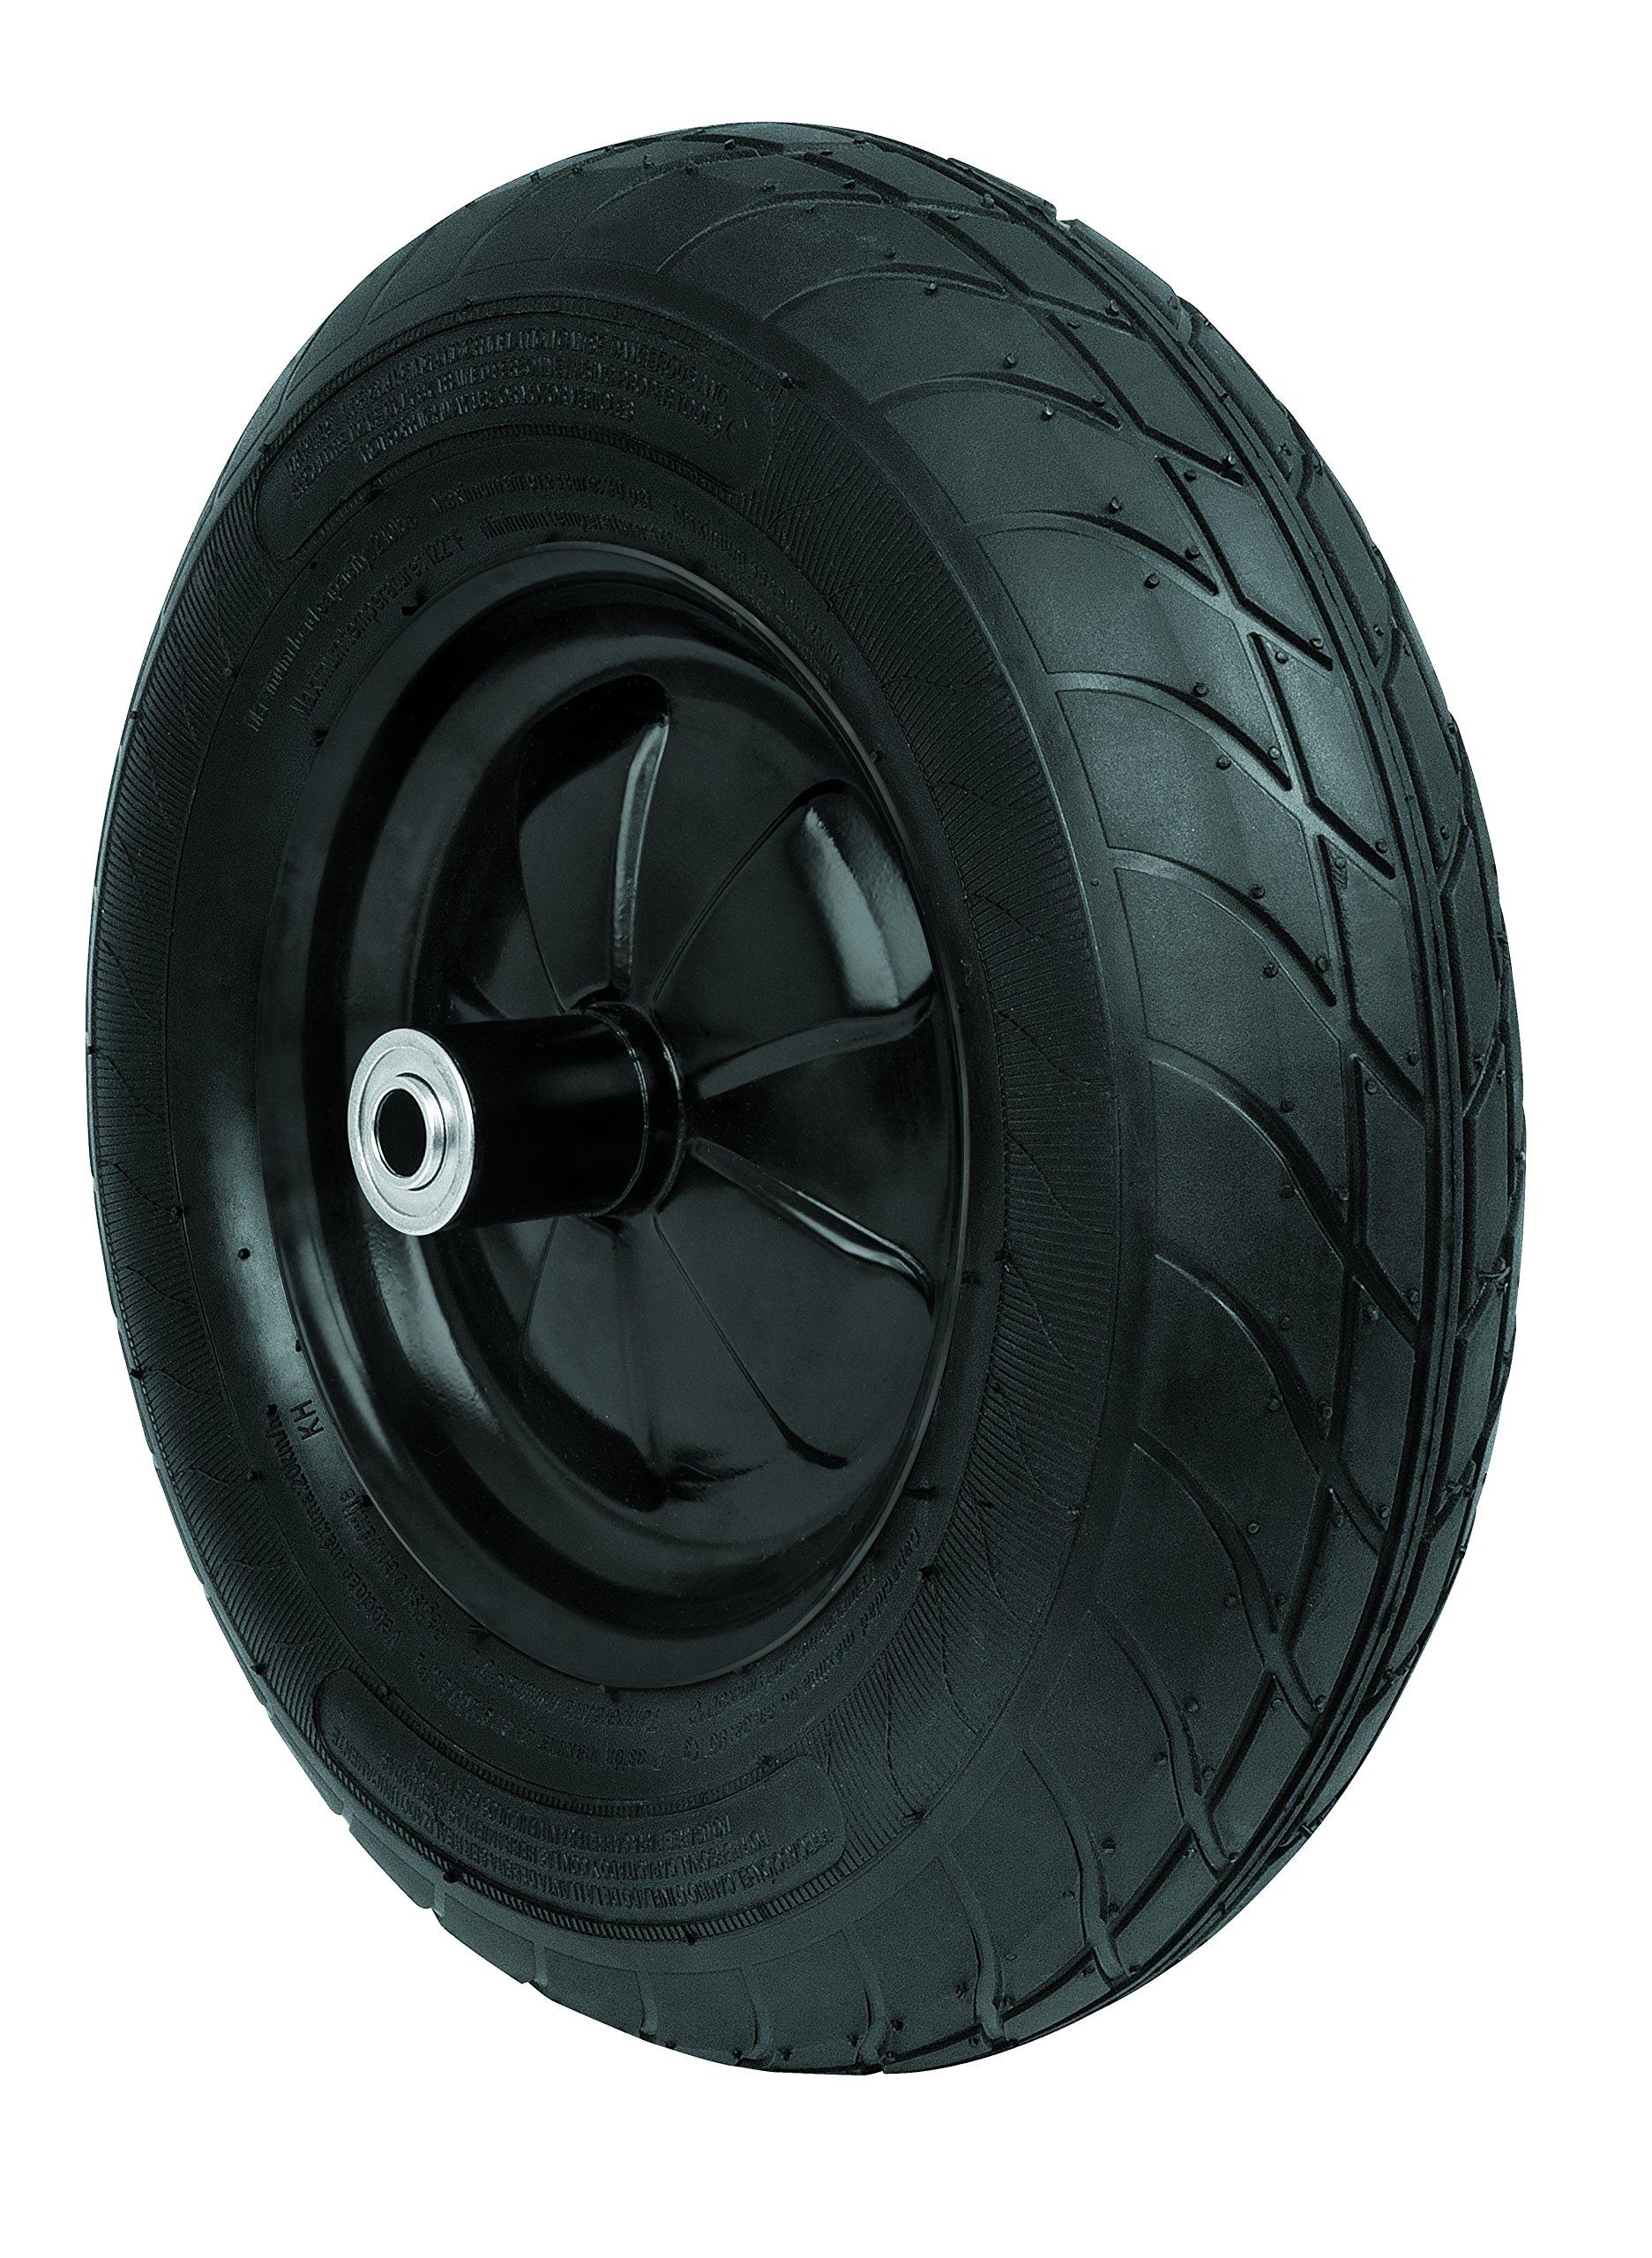 TRUPER LLSS Wheelbarrow Tires Block Pneumatic 16''x 4'' (41x10cm)